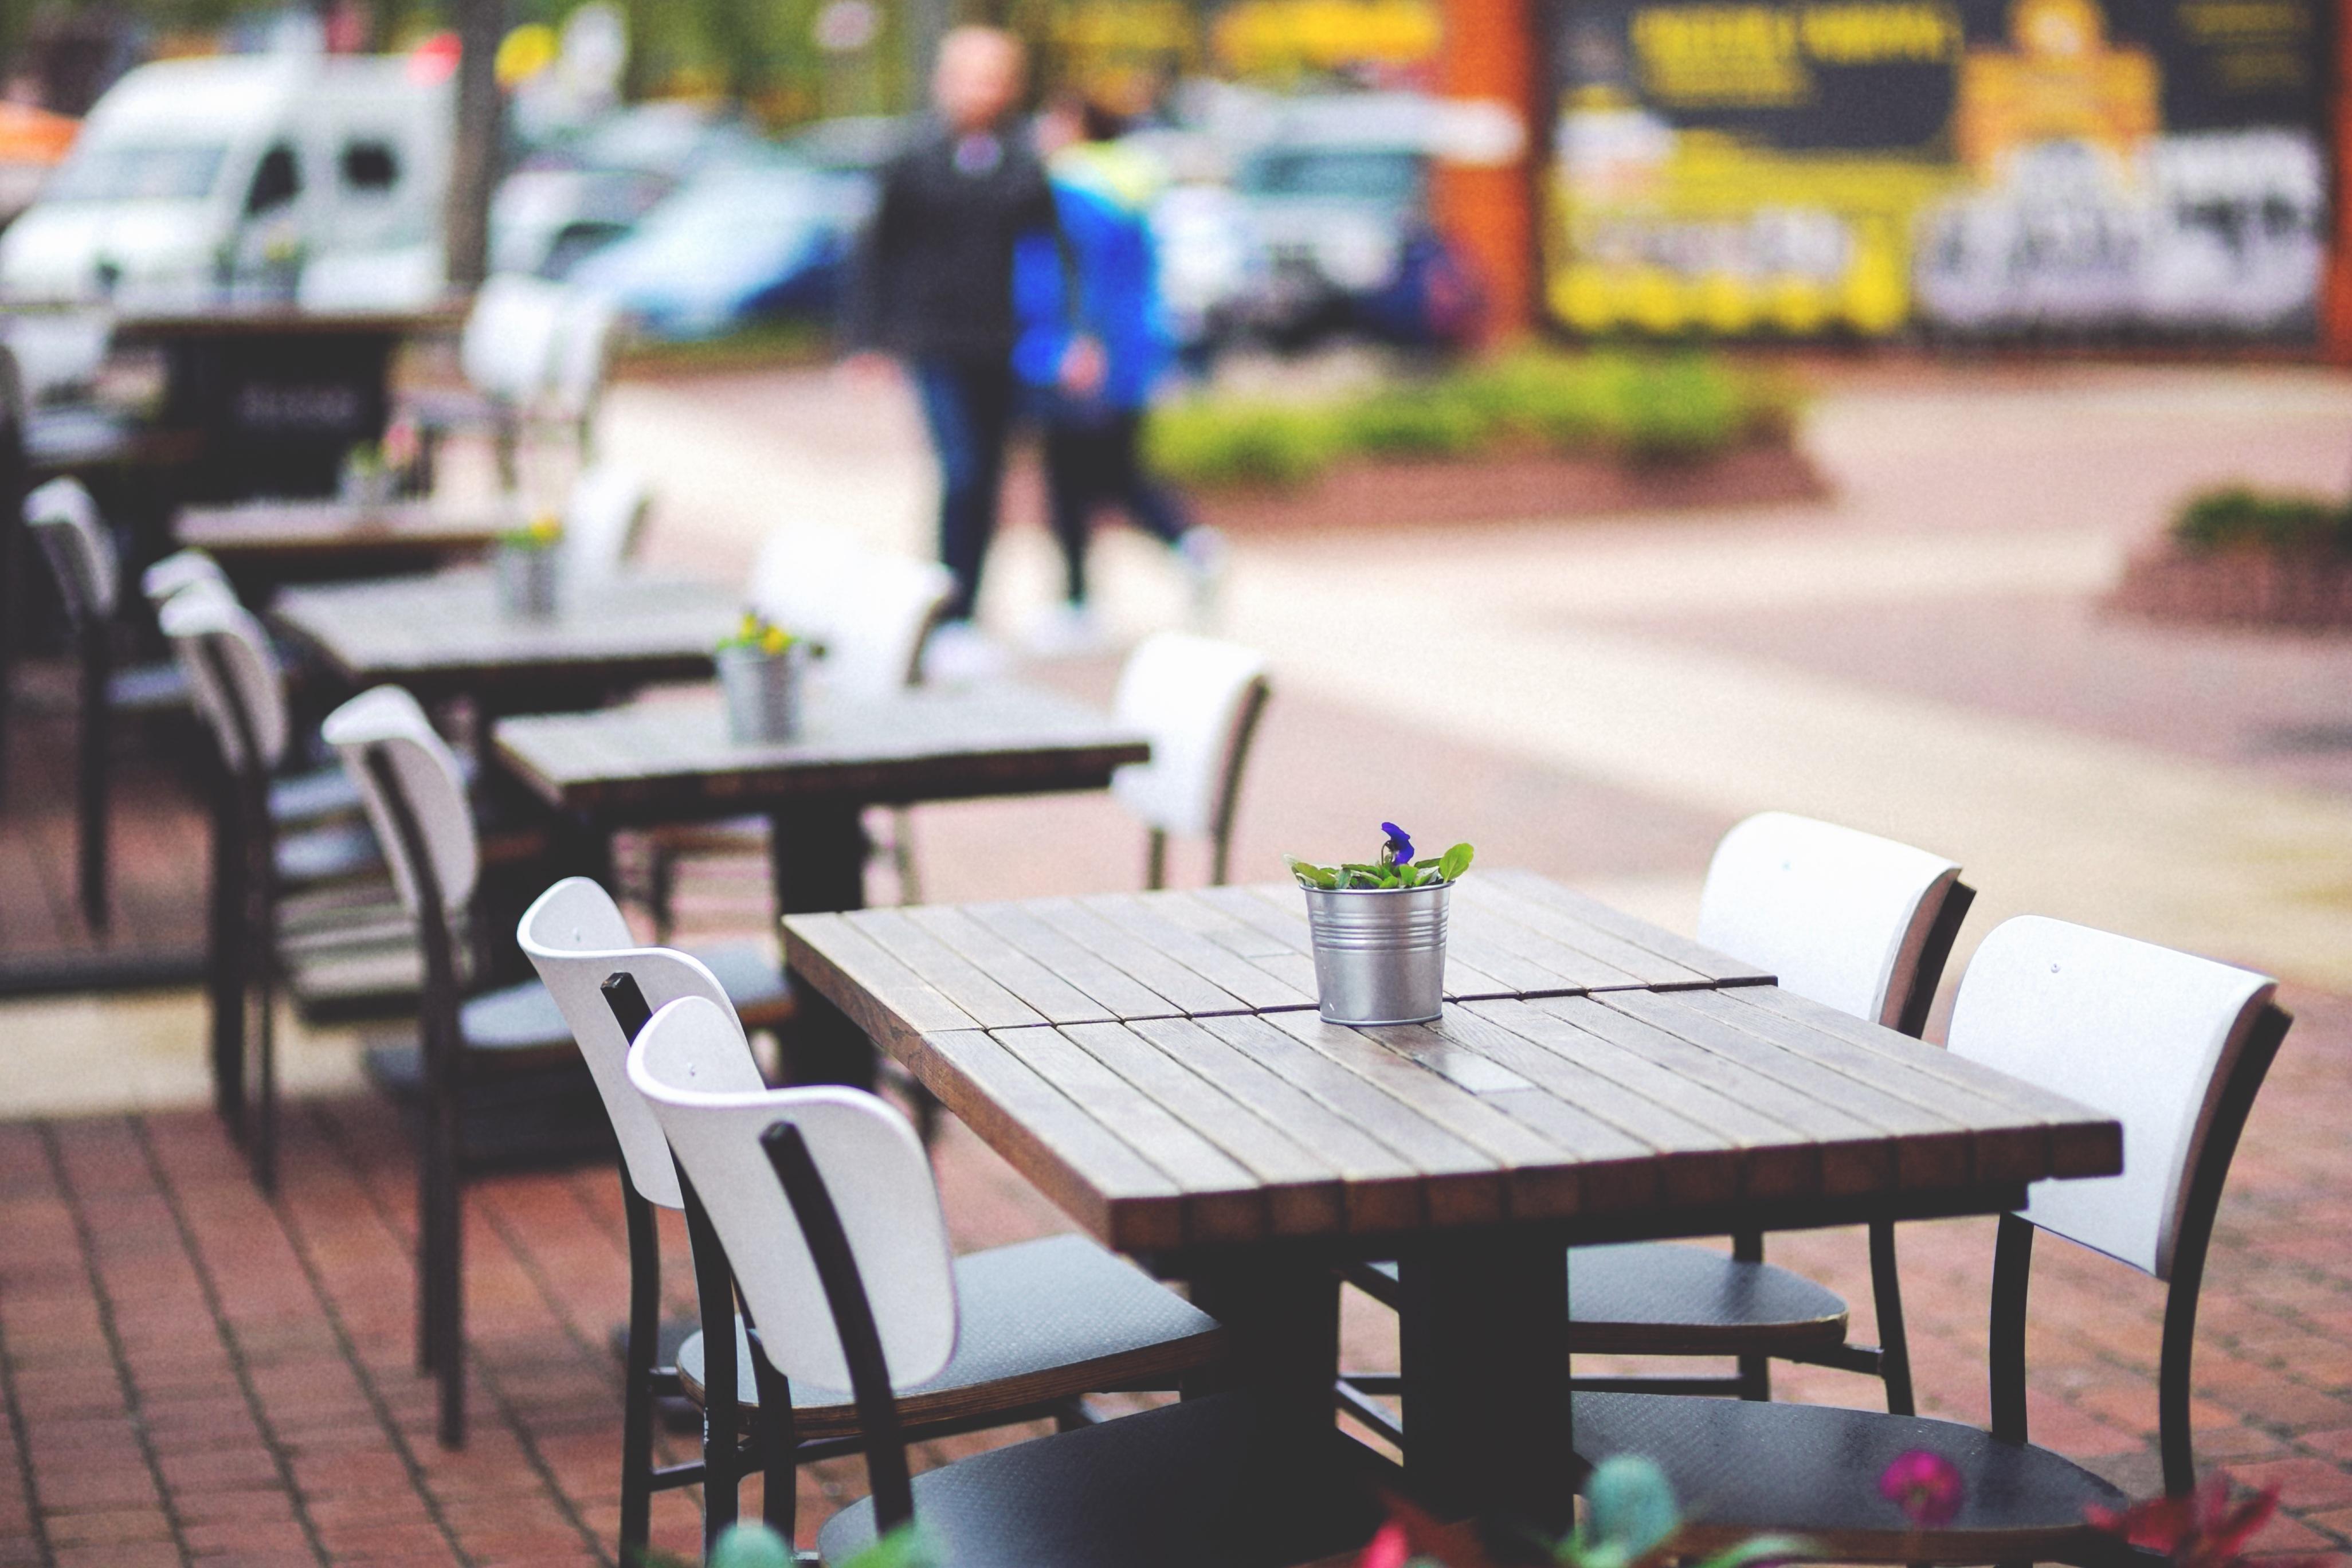 Fotos gratis : mesa, cafetería, calle, restaurante, ciudad, mueble ...